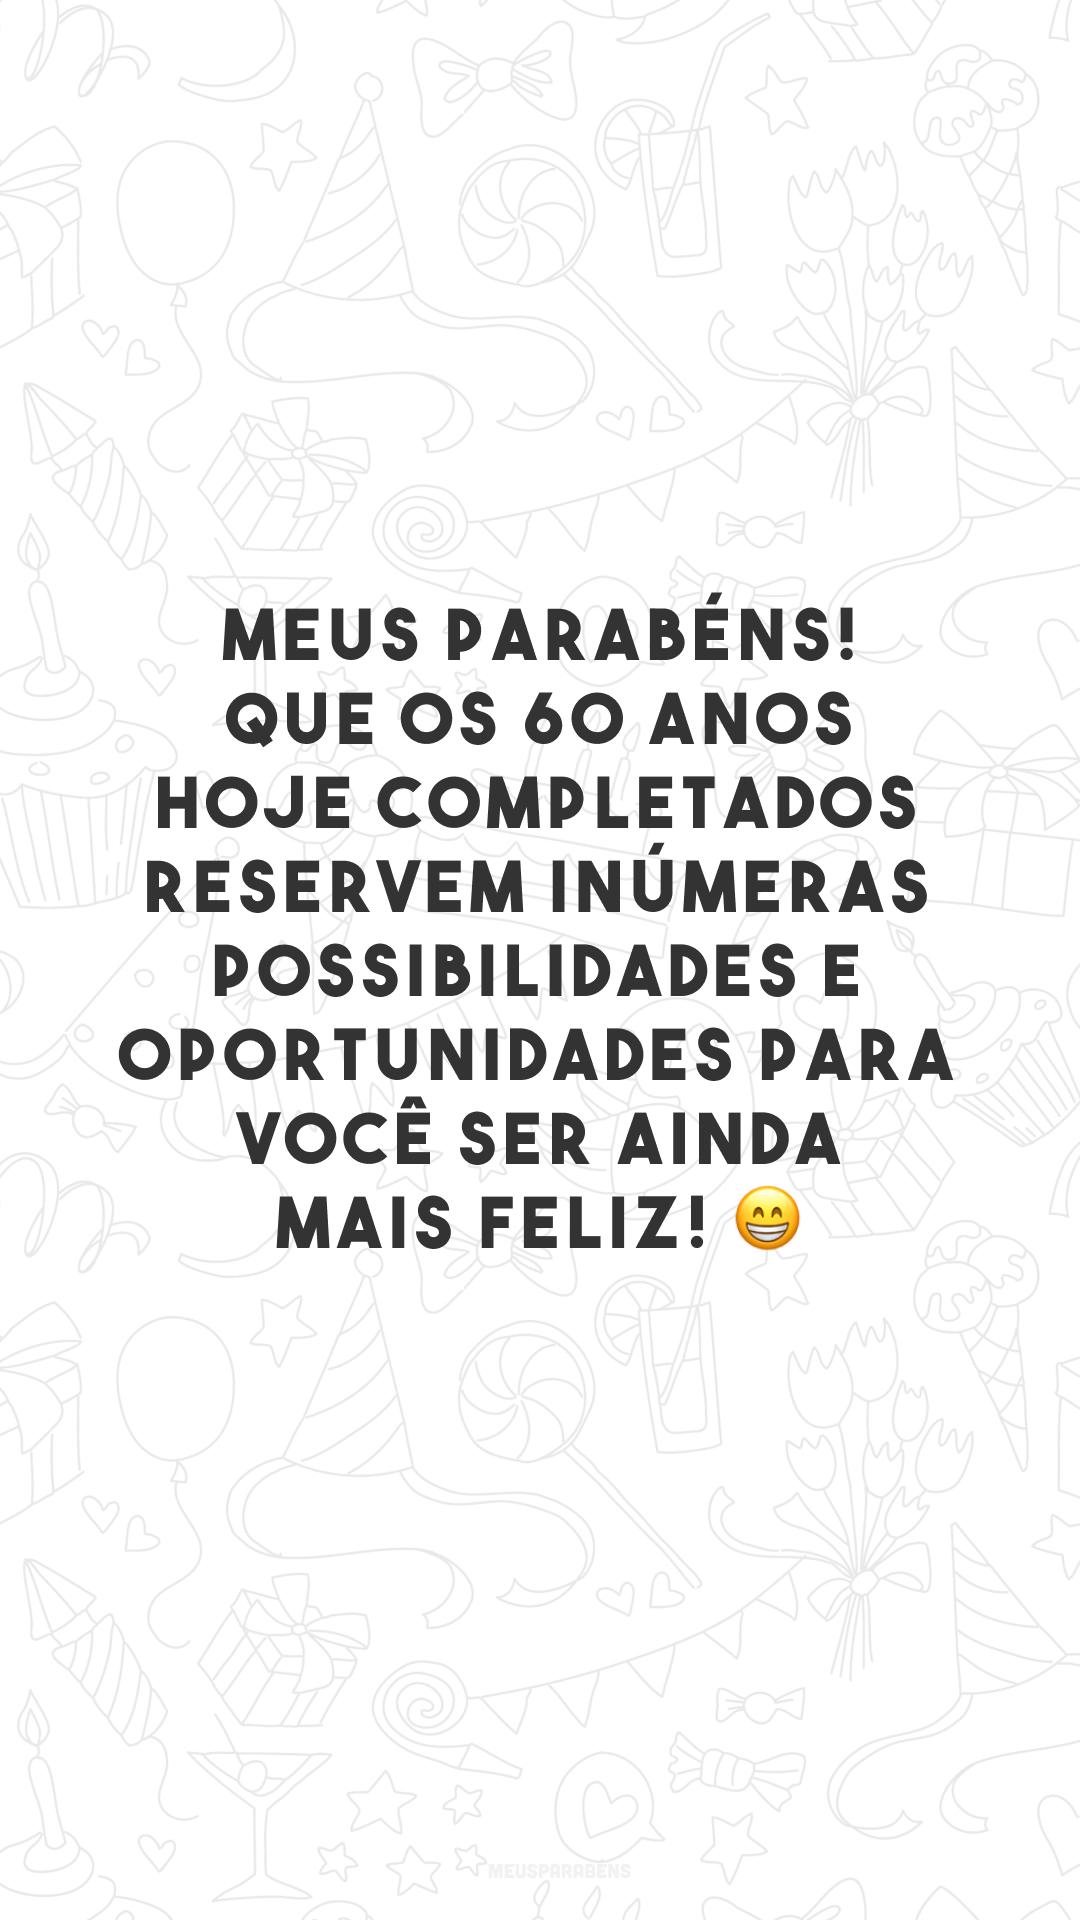 Meus parabéns! Que os 60 anos hoje completados reservem inúmeras possibilidades e oportunidades para você ser ainda mais feliz! 😁